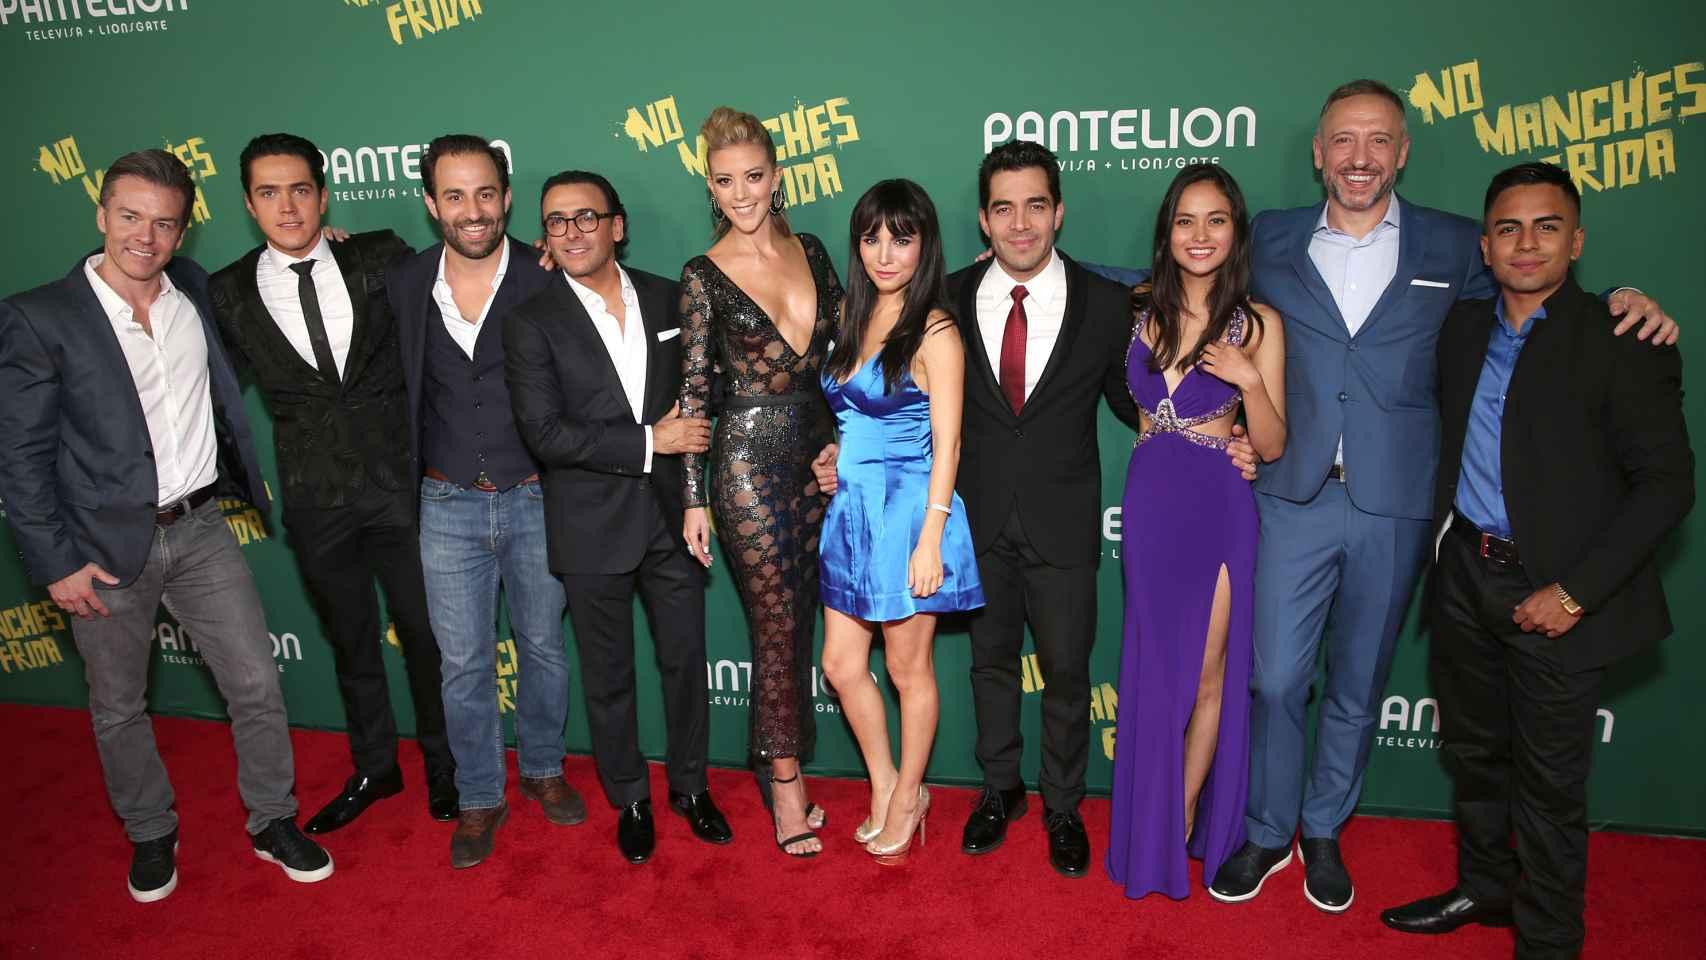 Nacho G. Velilla en la premiere en Hollywood de No manches Frida.